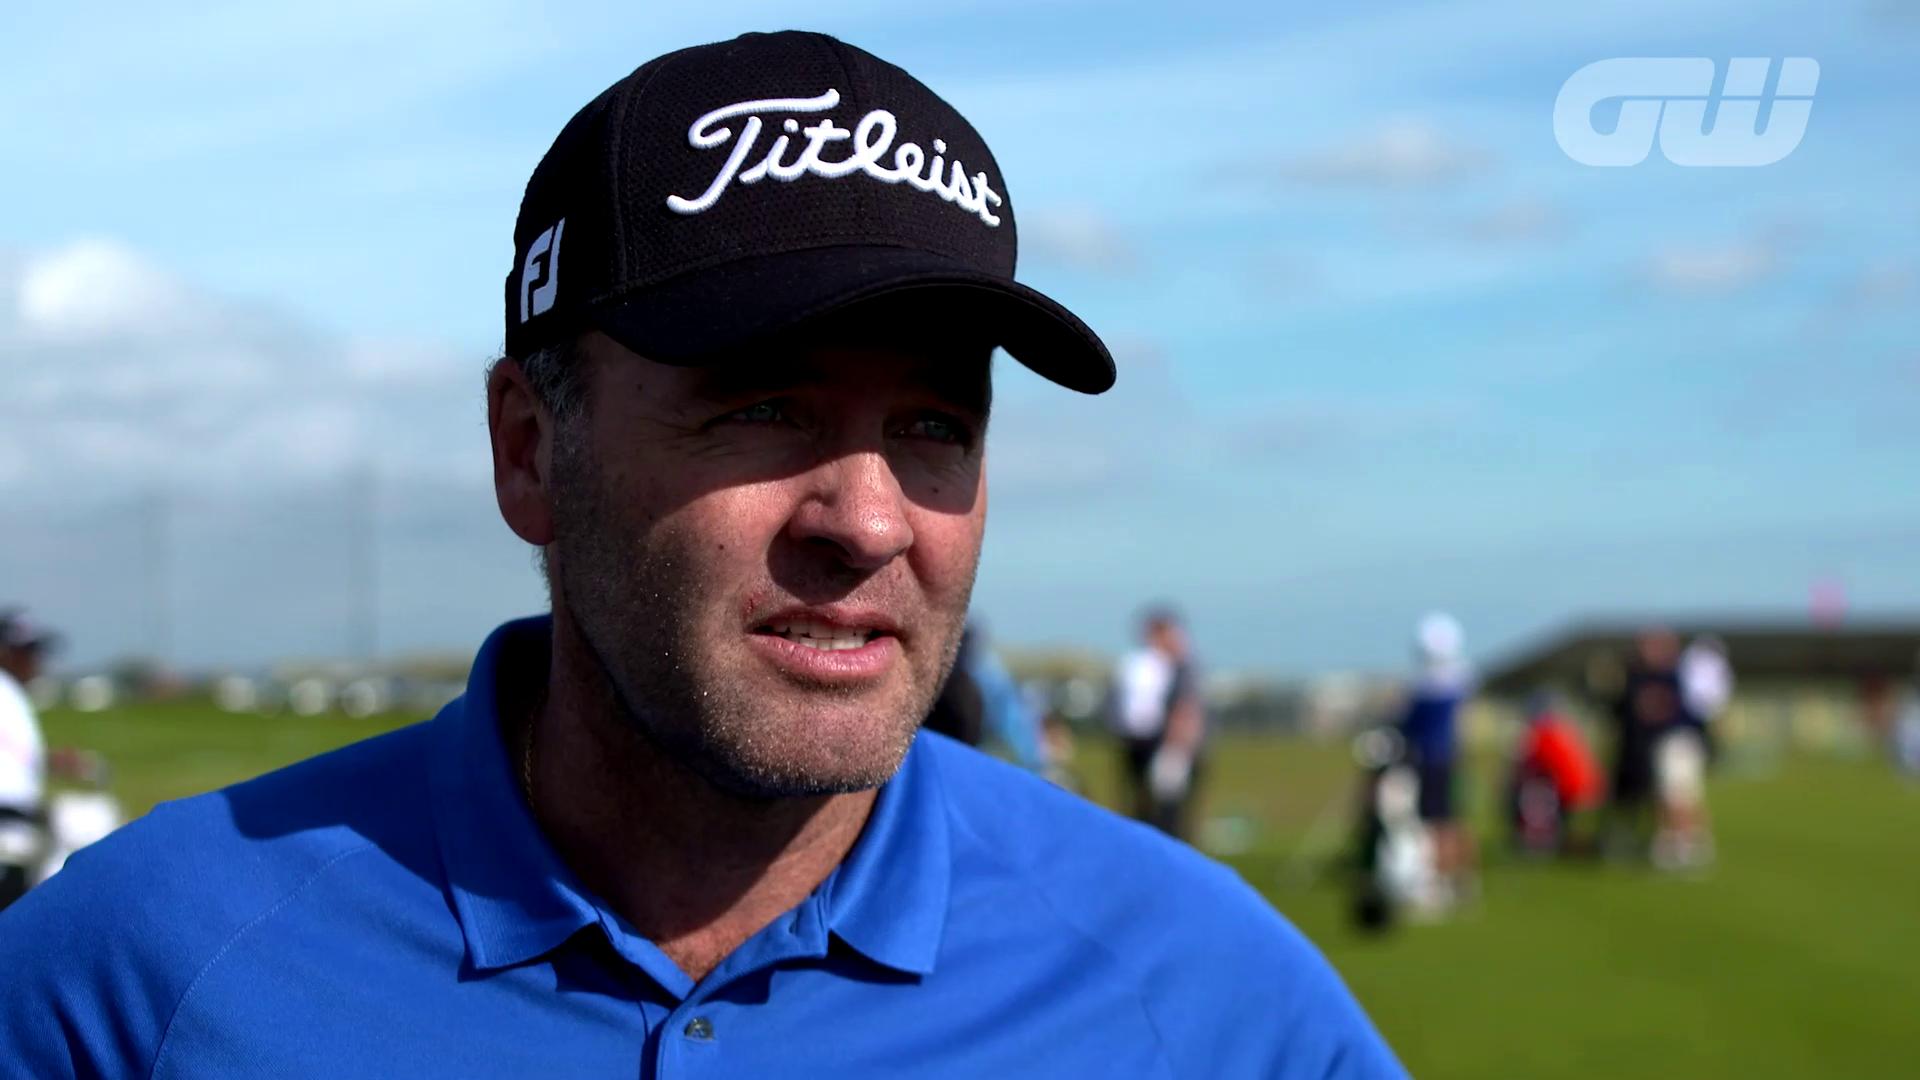 http   www.golfchannel.com media guid 4878909e-6e1b-4385-a480 ... 1dc32e0545ca